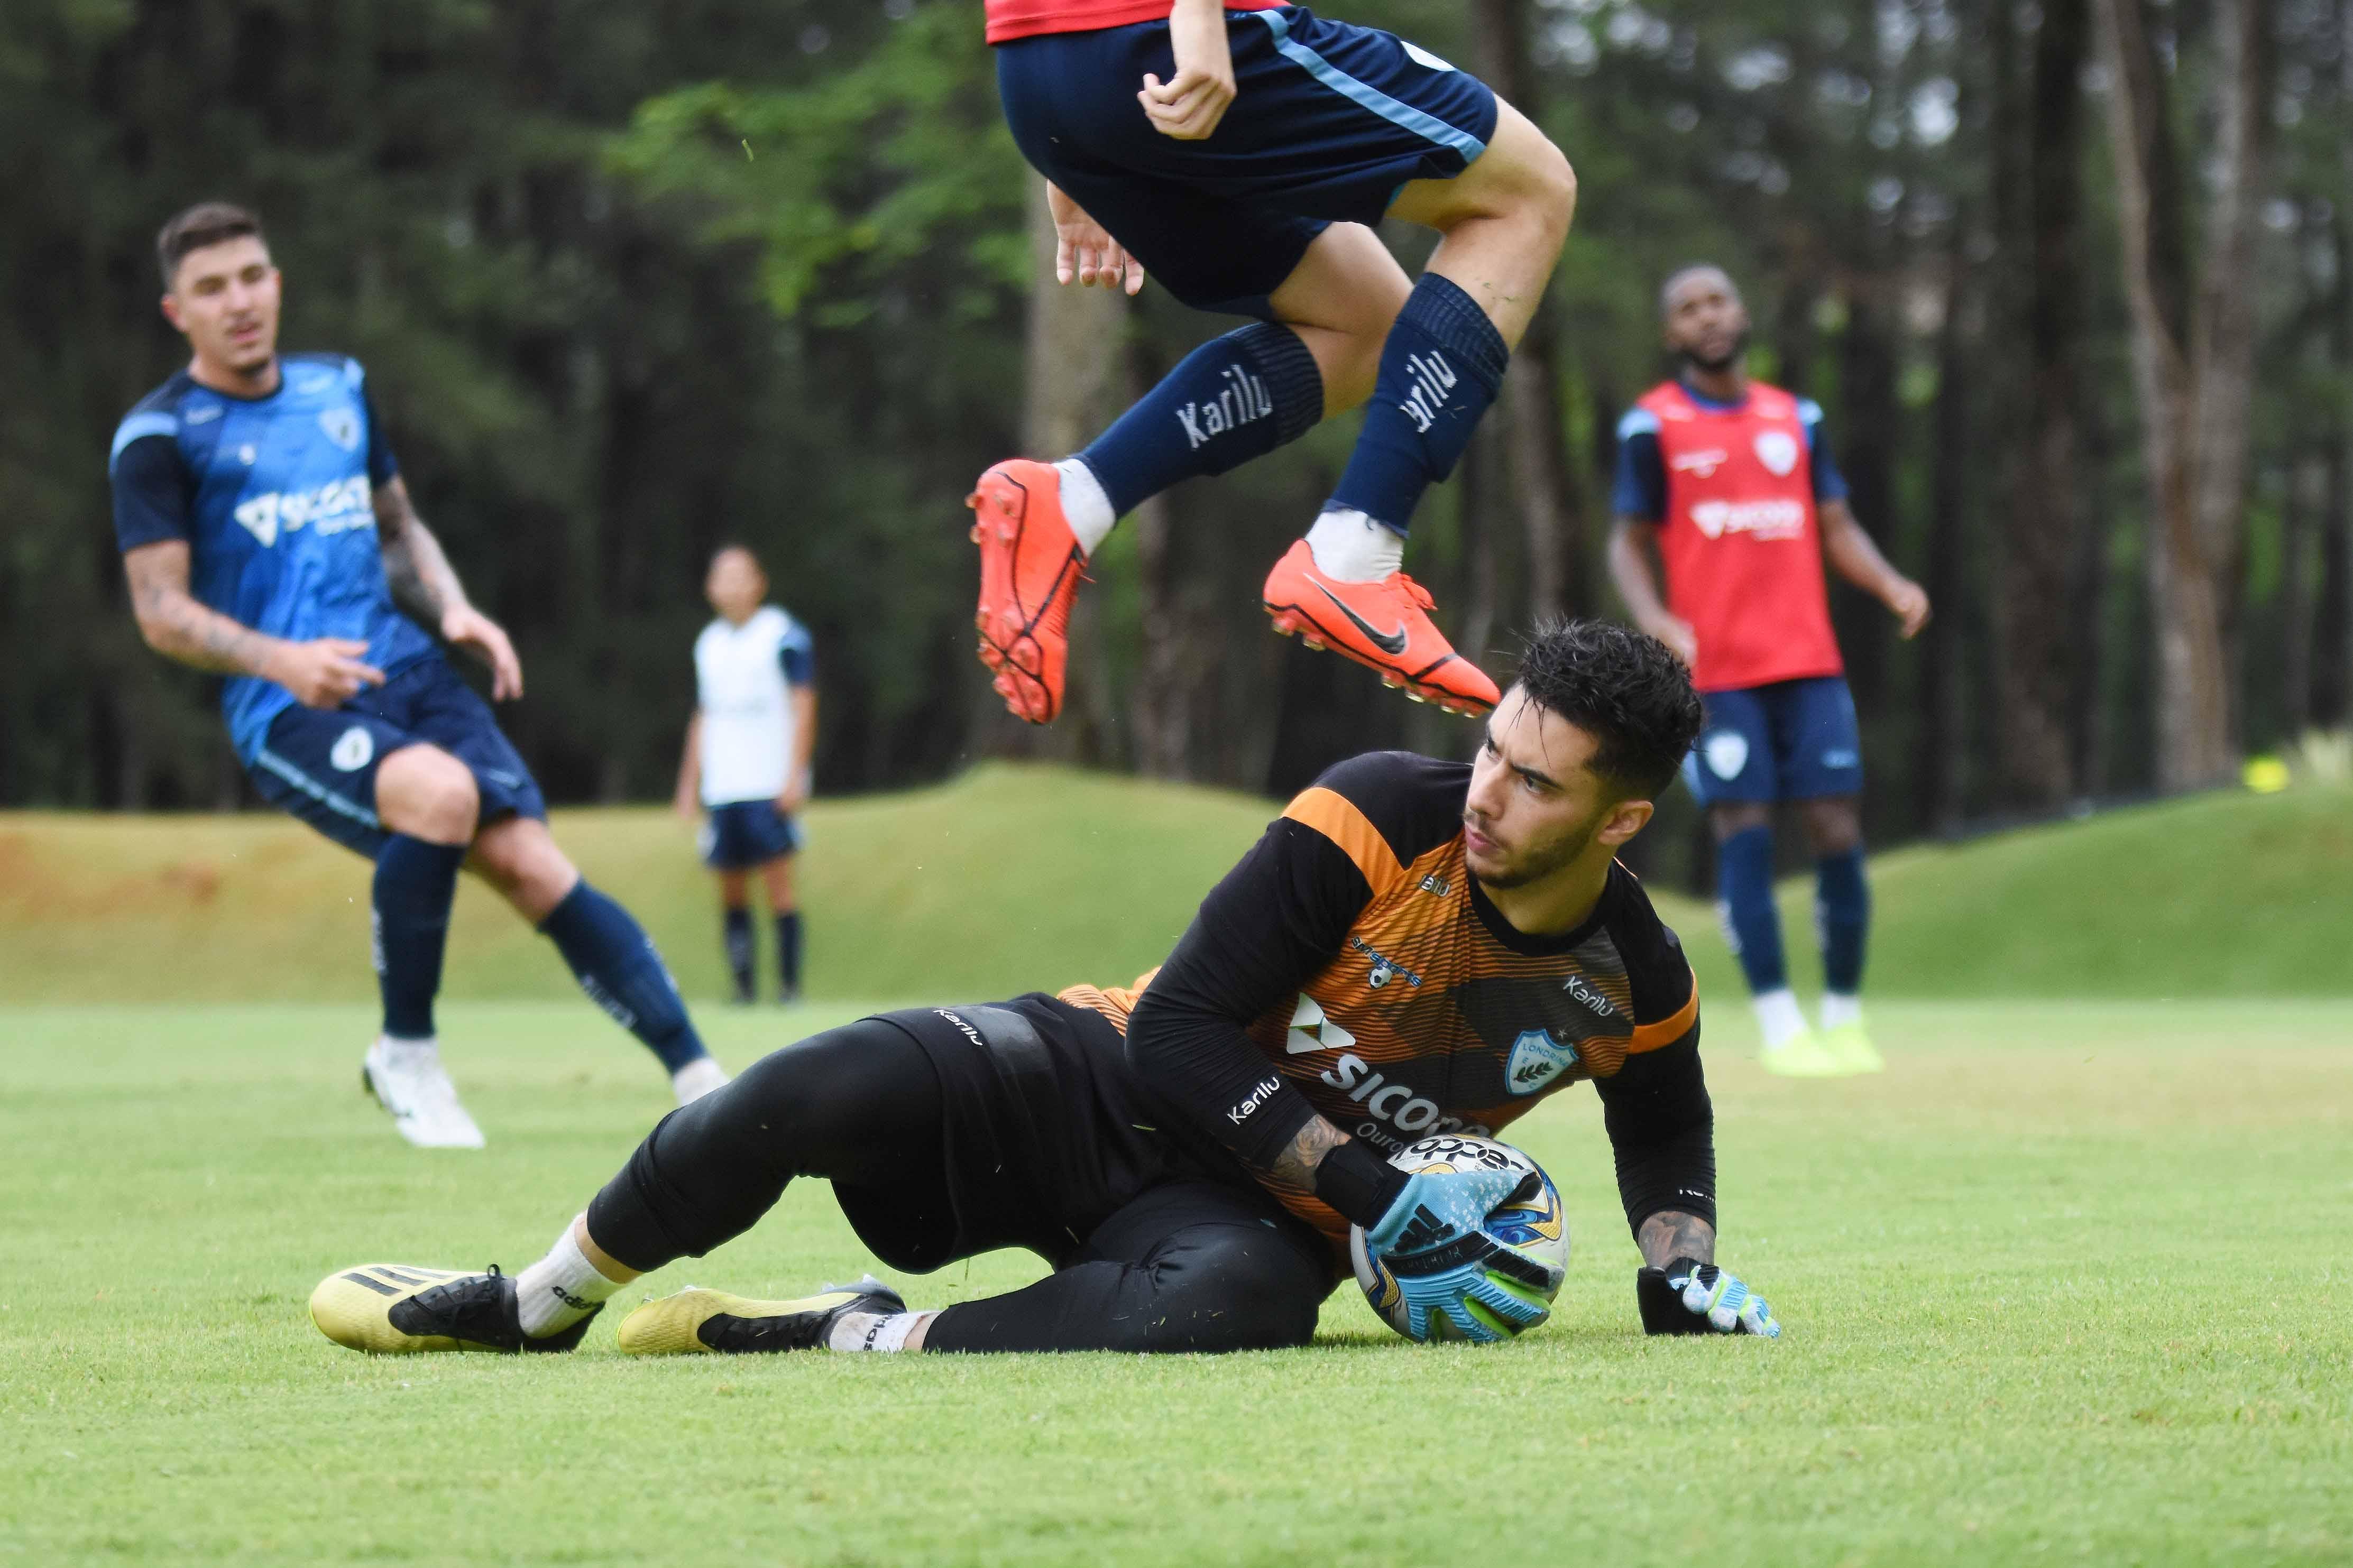 Preparação contou com seis sessões de treinos antes da partida contra o Oeste